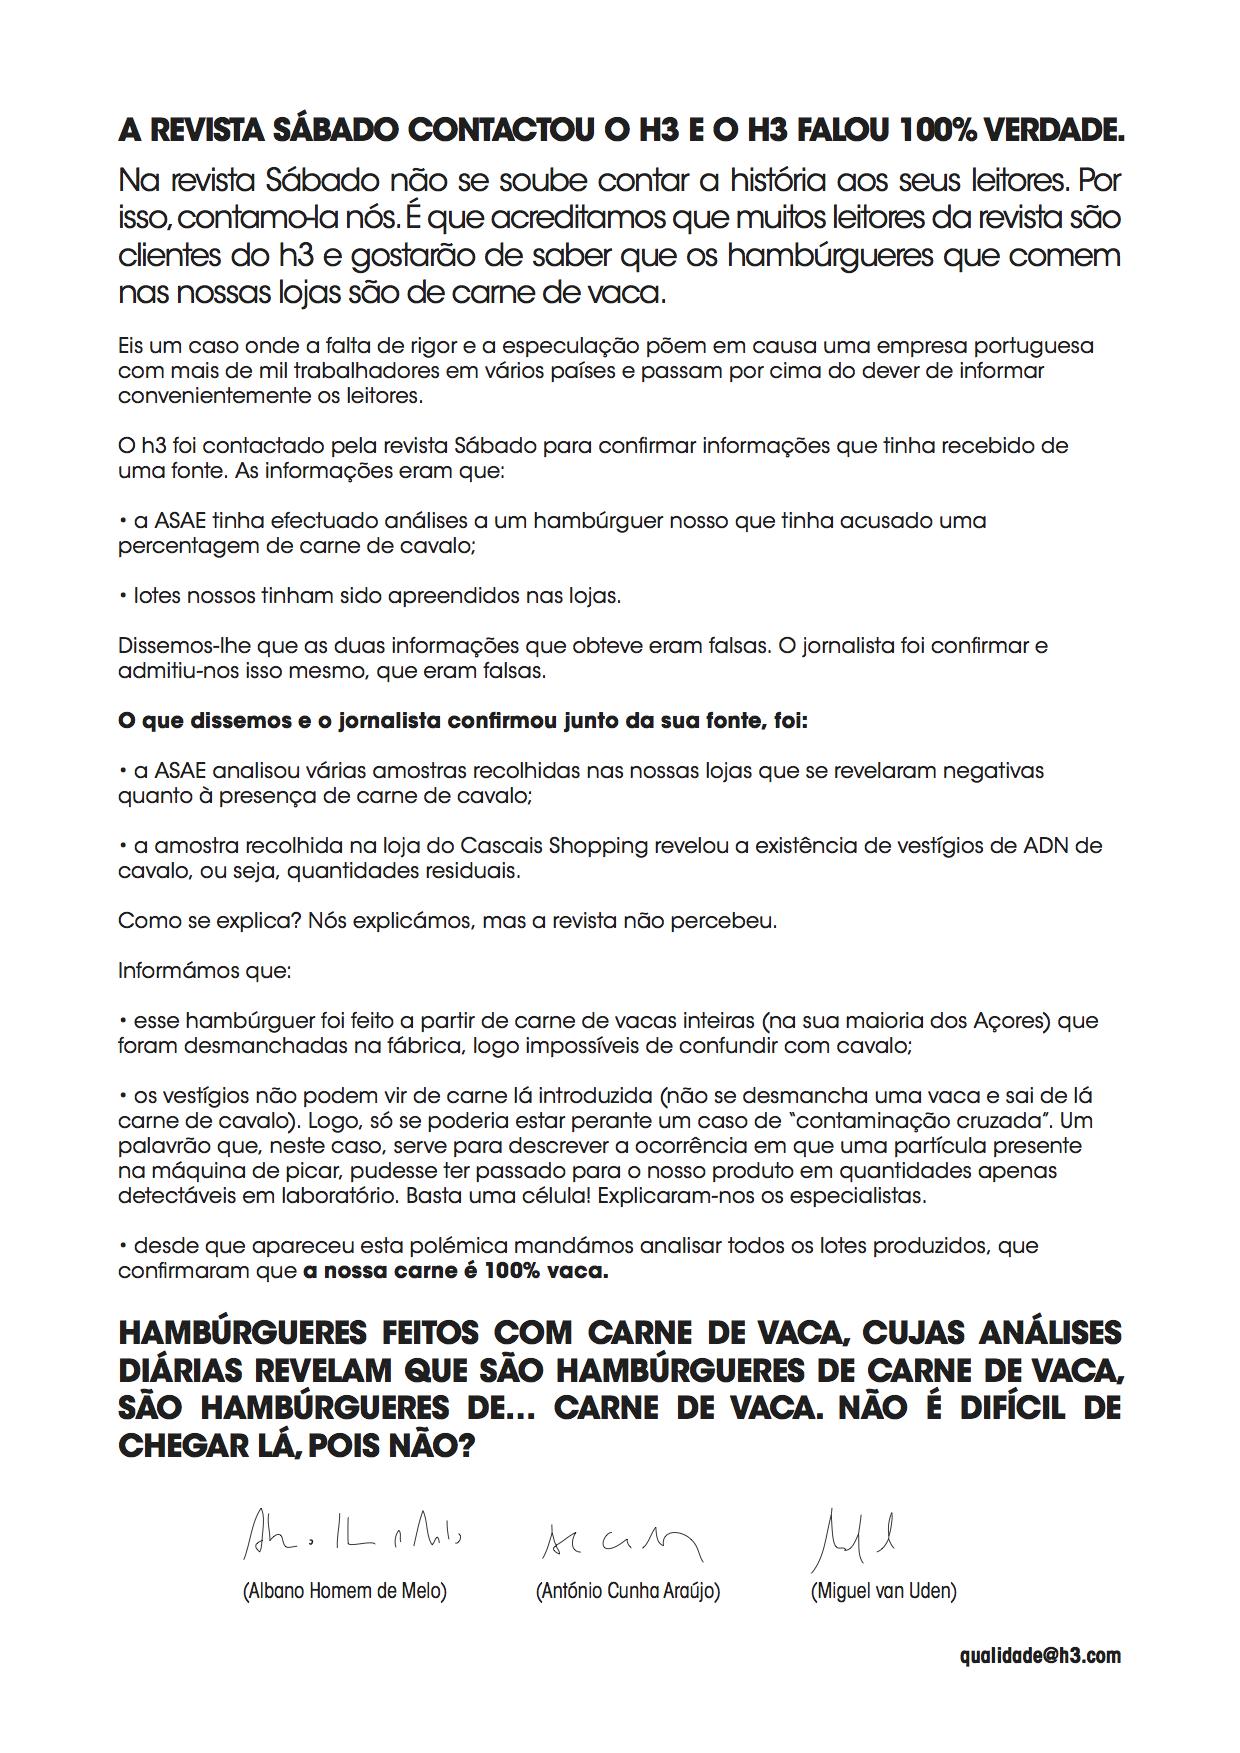 carta_h3_100carneburro_2